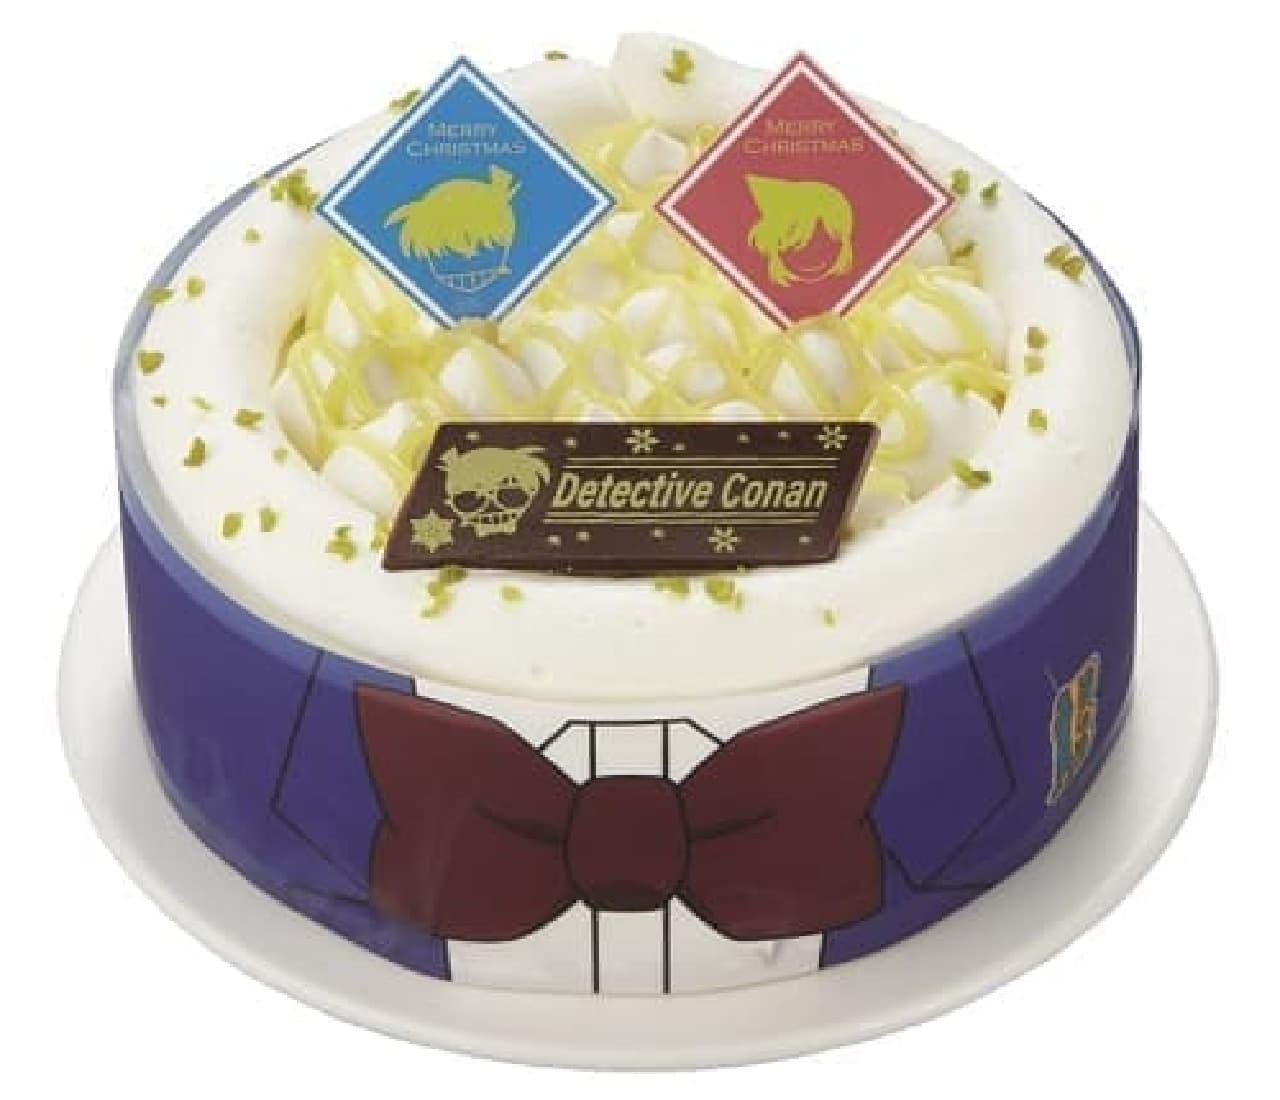 セブン-イレブン「名探偵コナン レモンパイ風チーズケーキ」